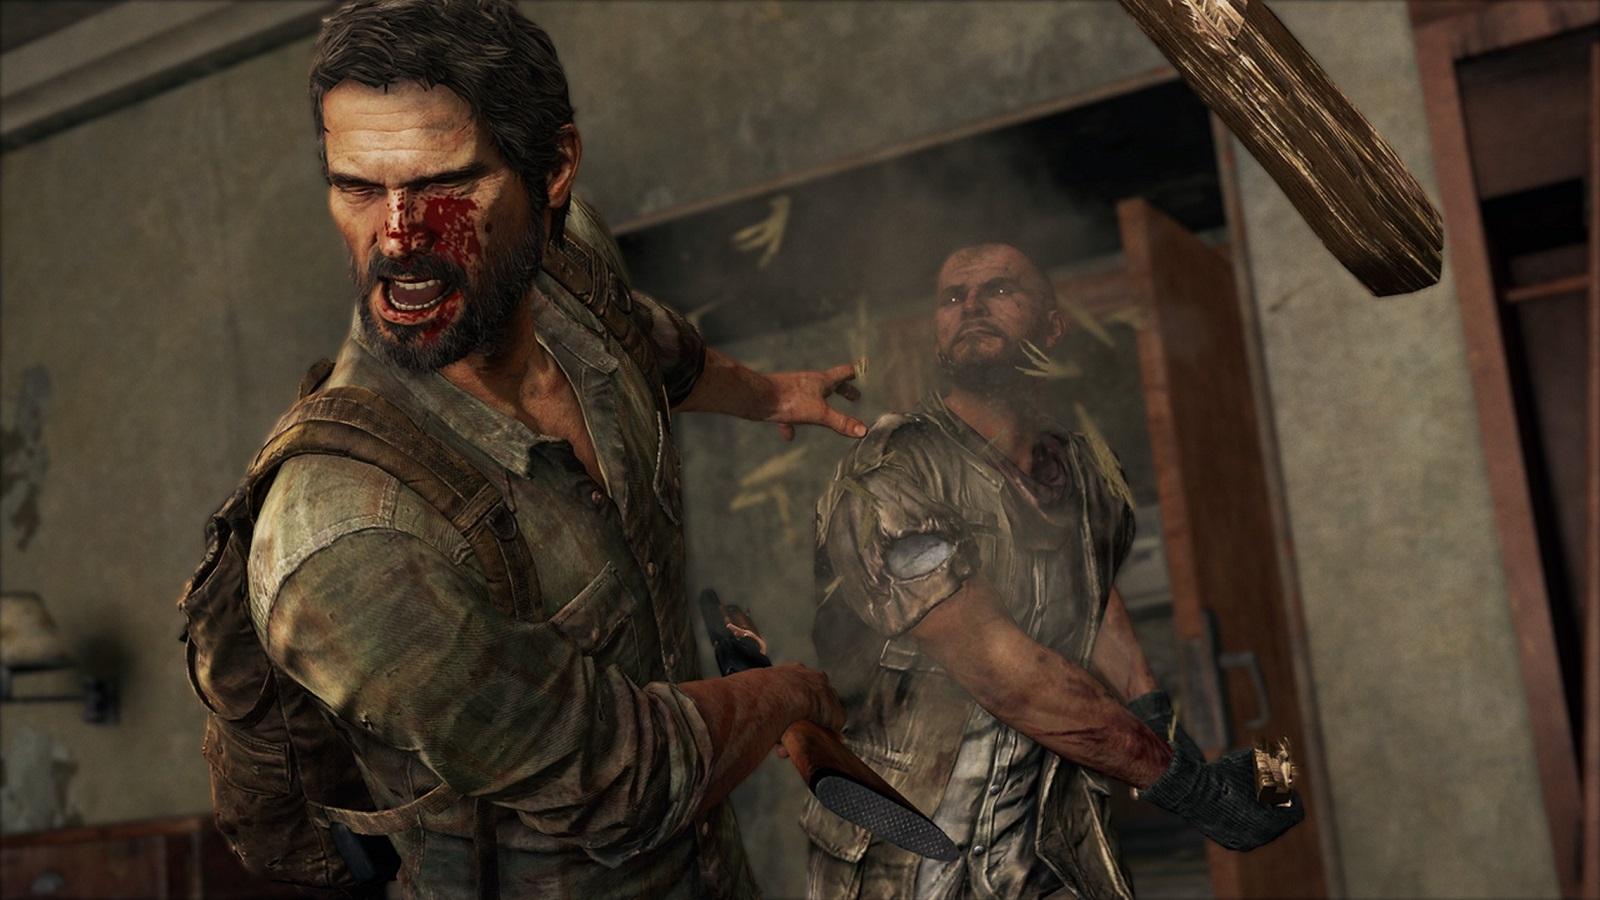 Теперь и поиграть можно: моддеры исправили баг, на протяжении почти 8 лет приводивший к вылету The Last of Us